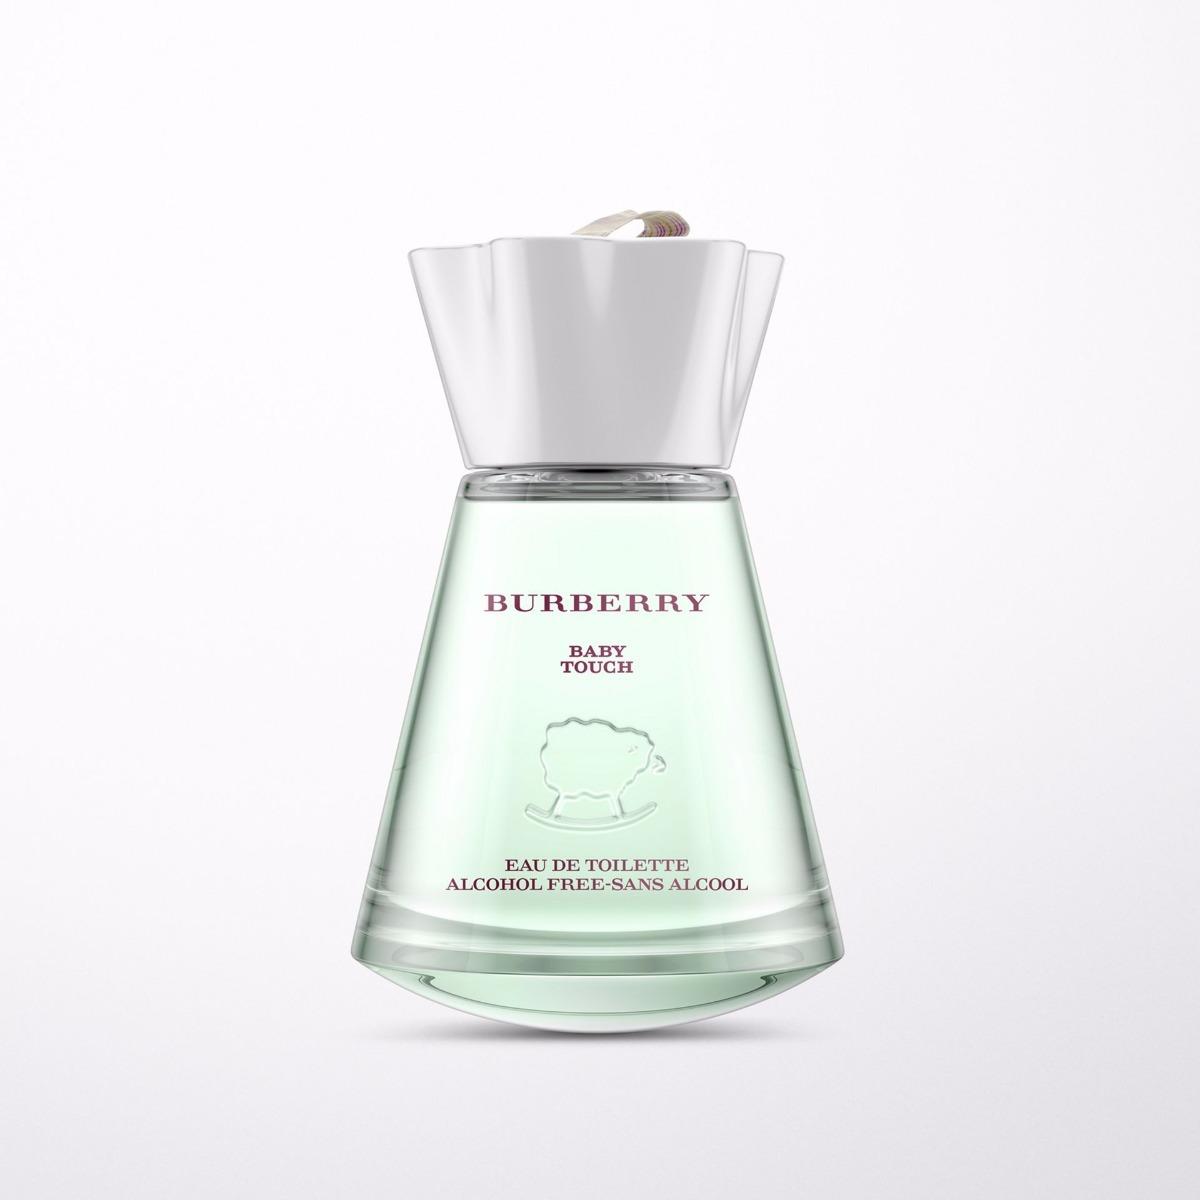 Burberry Baby Touch Perfume Eau De Toilette 100 Ml 950